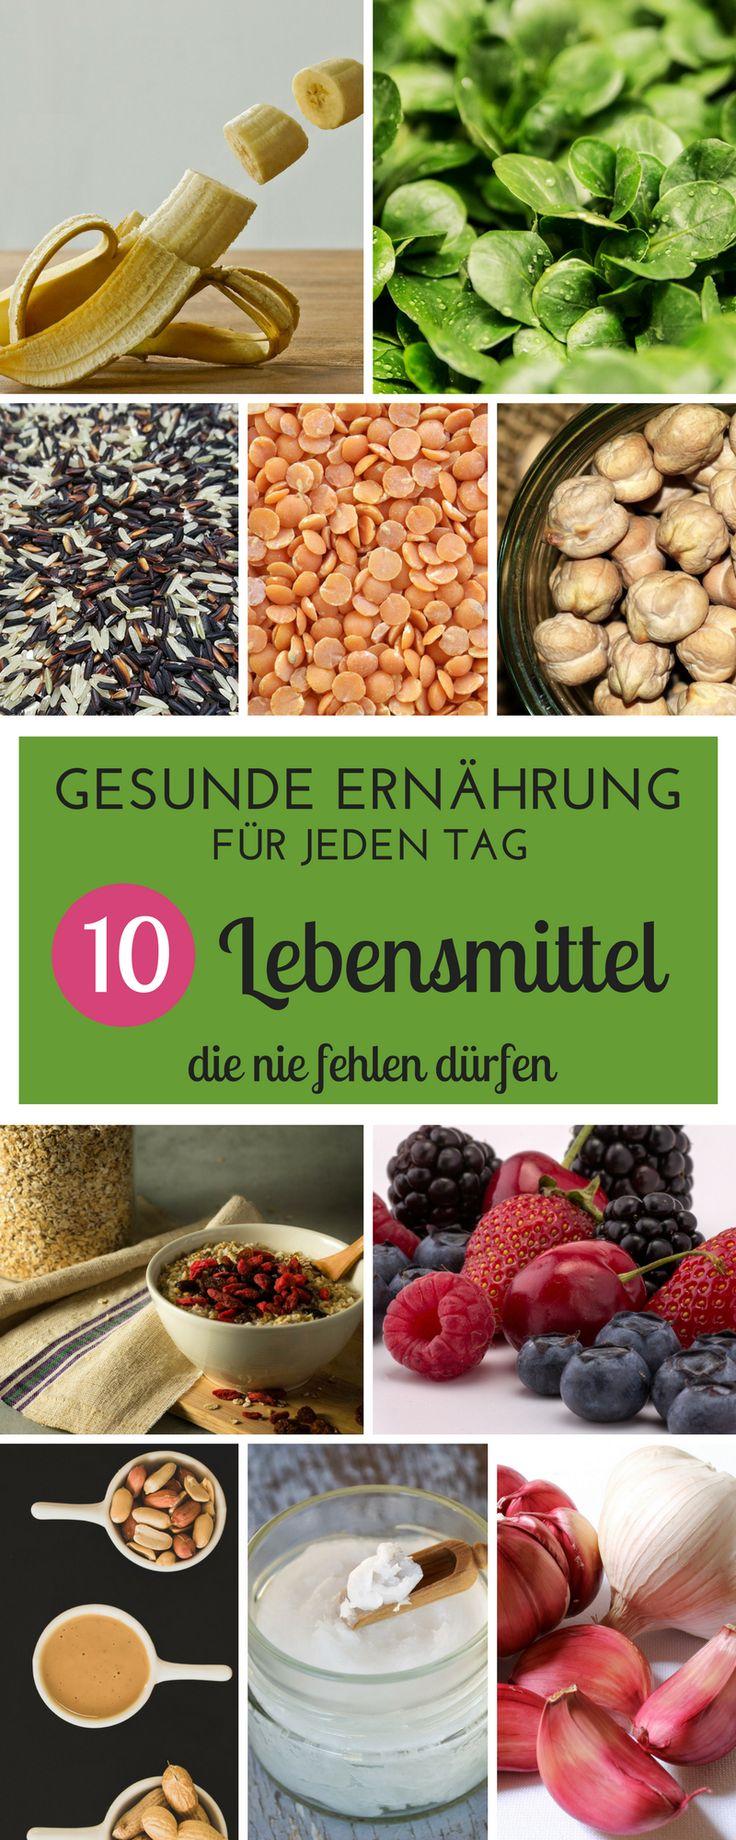 Gesunde Ernährung für jeden Tag: 10 Lebensmittel, die nie in meiner Küche fehlen dürfen